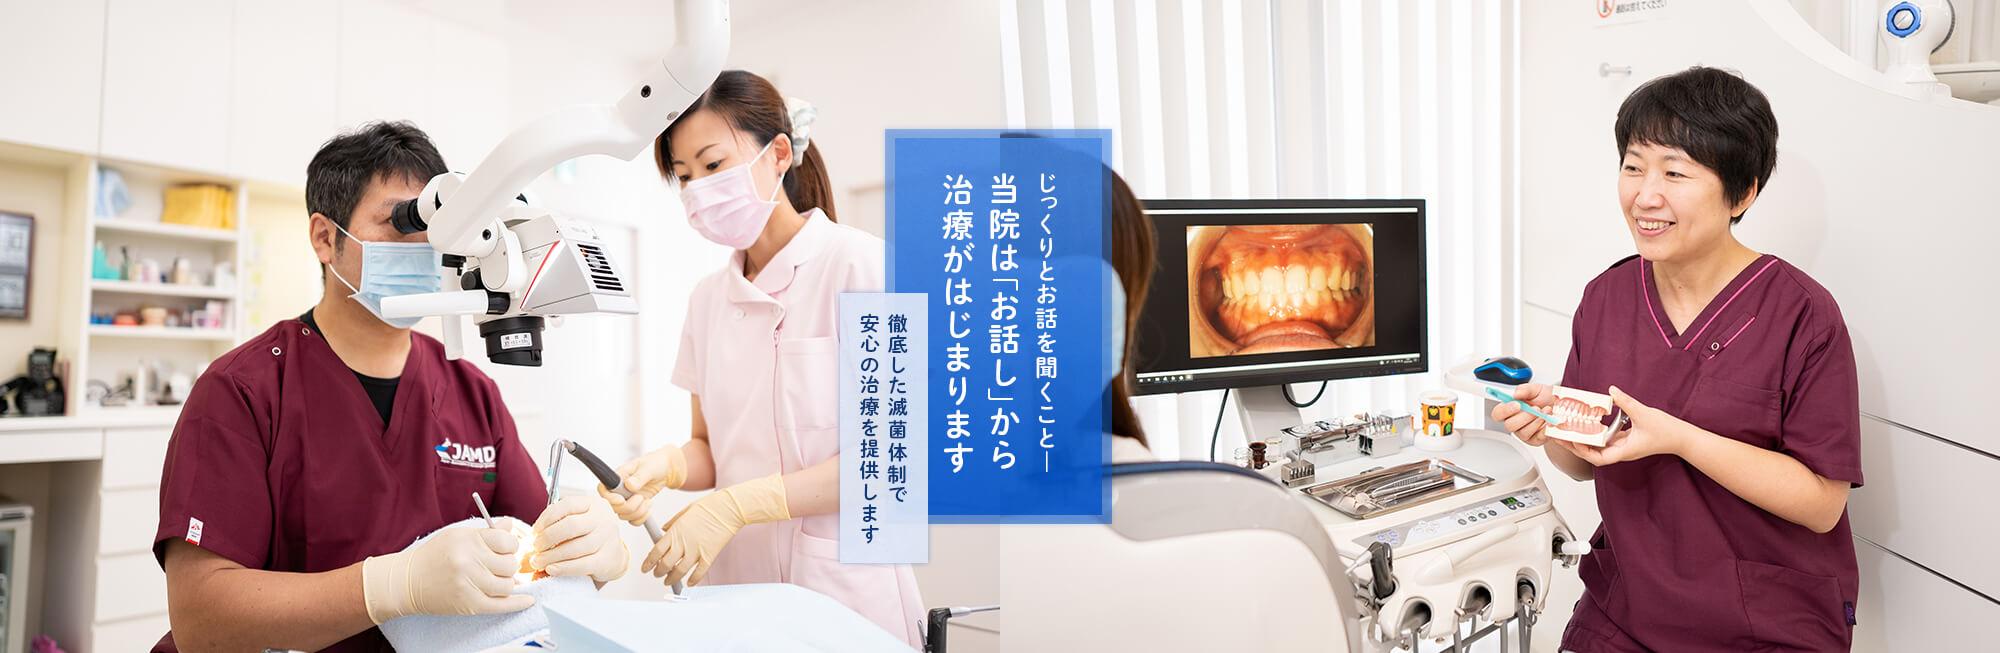 じっくりとお話を聞くこと―当院は「お話し」から治療がはじまります 徹底した滅菌体制で安心の治療を提供します